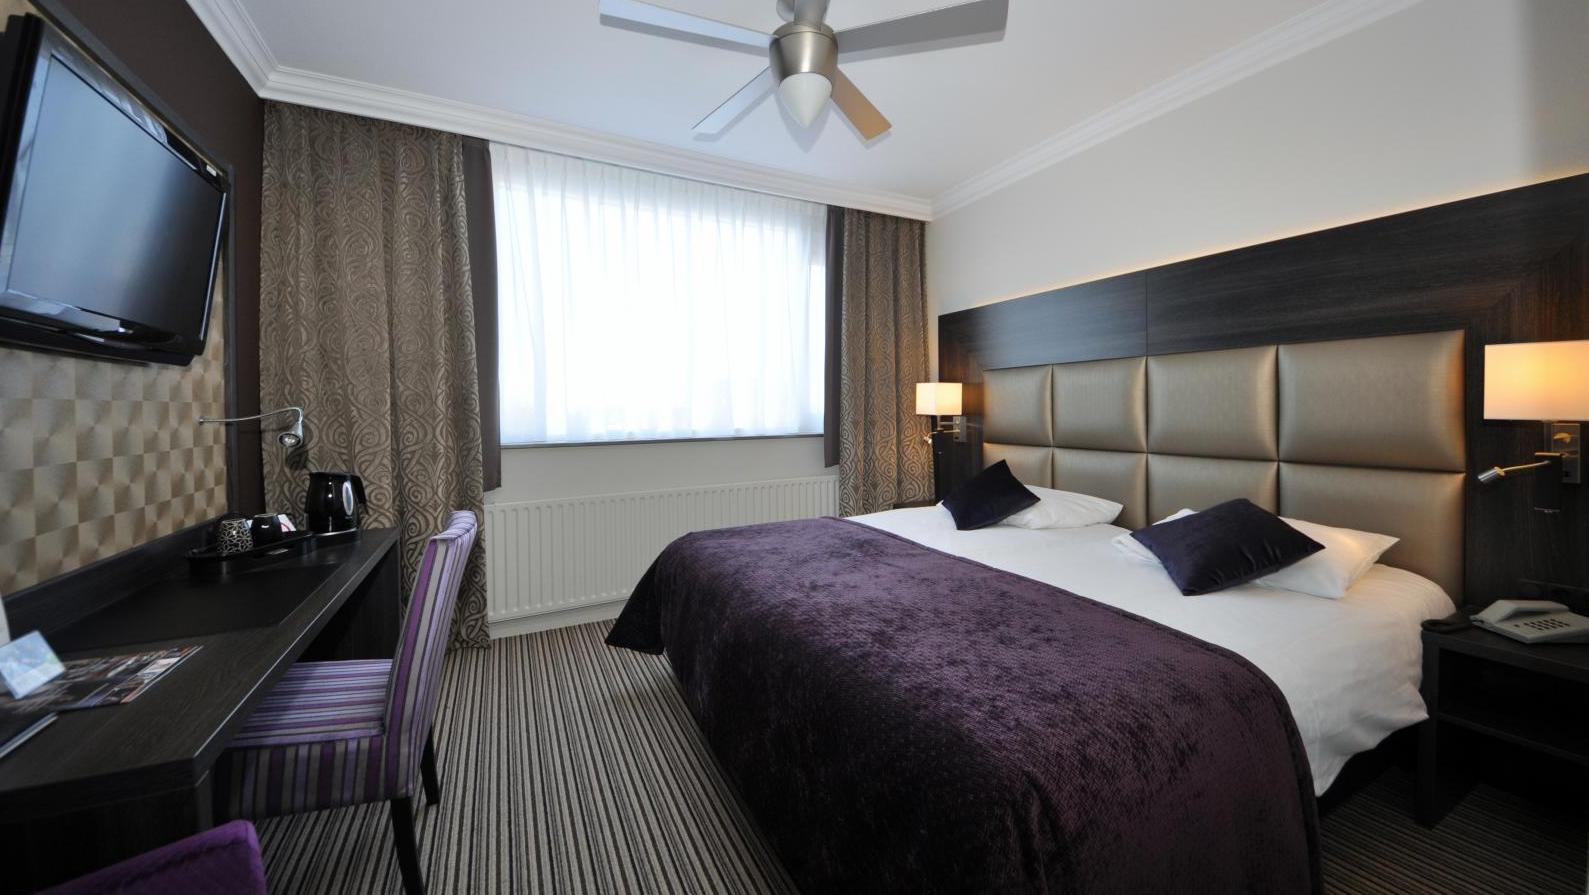 hotel terminus goes persoonlijke aandacht en service